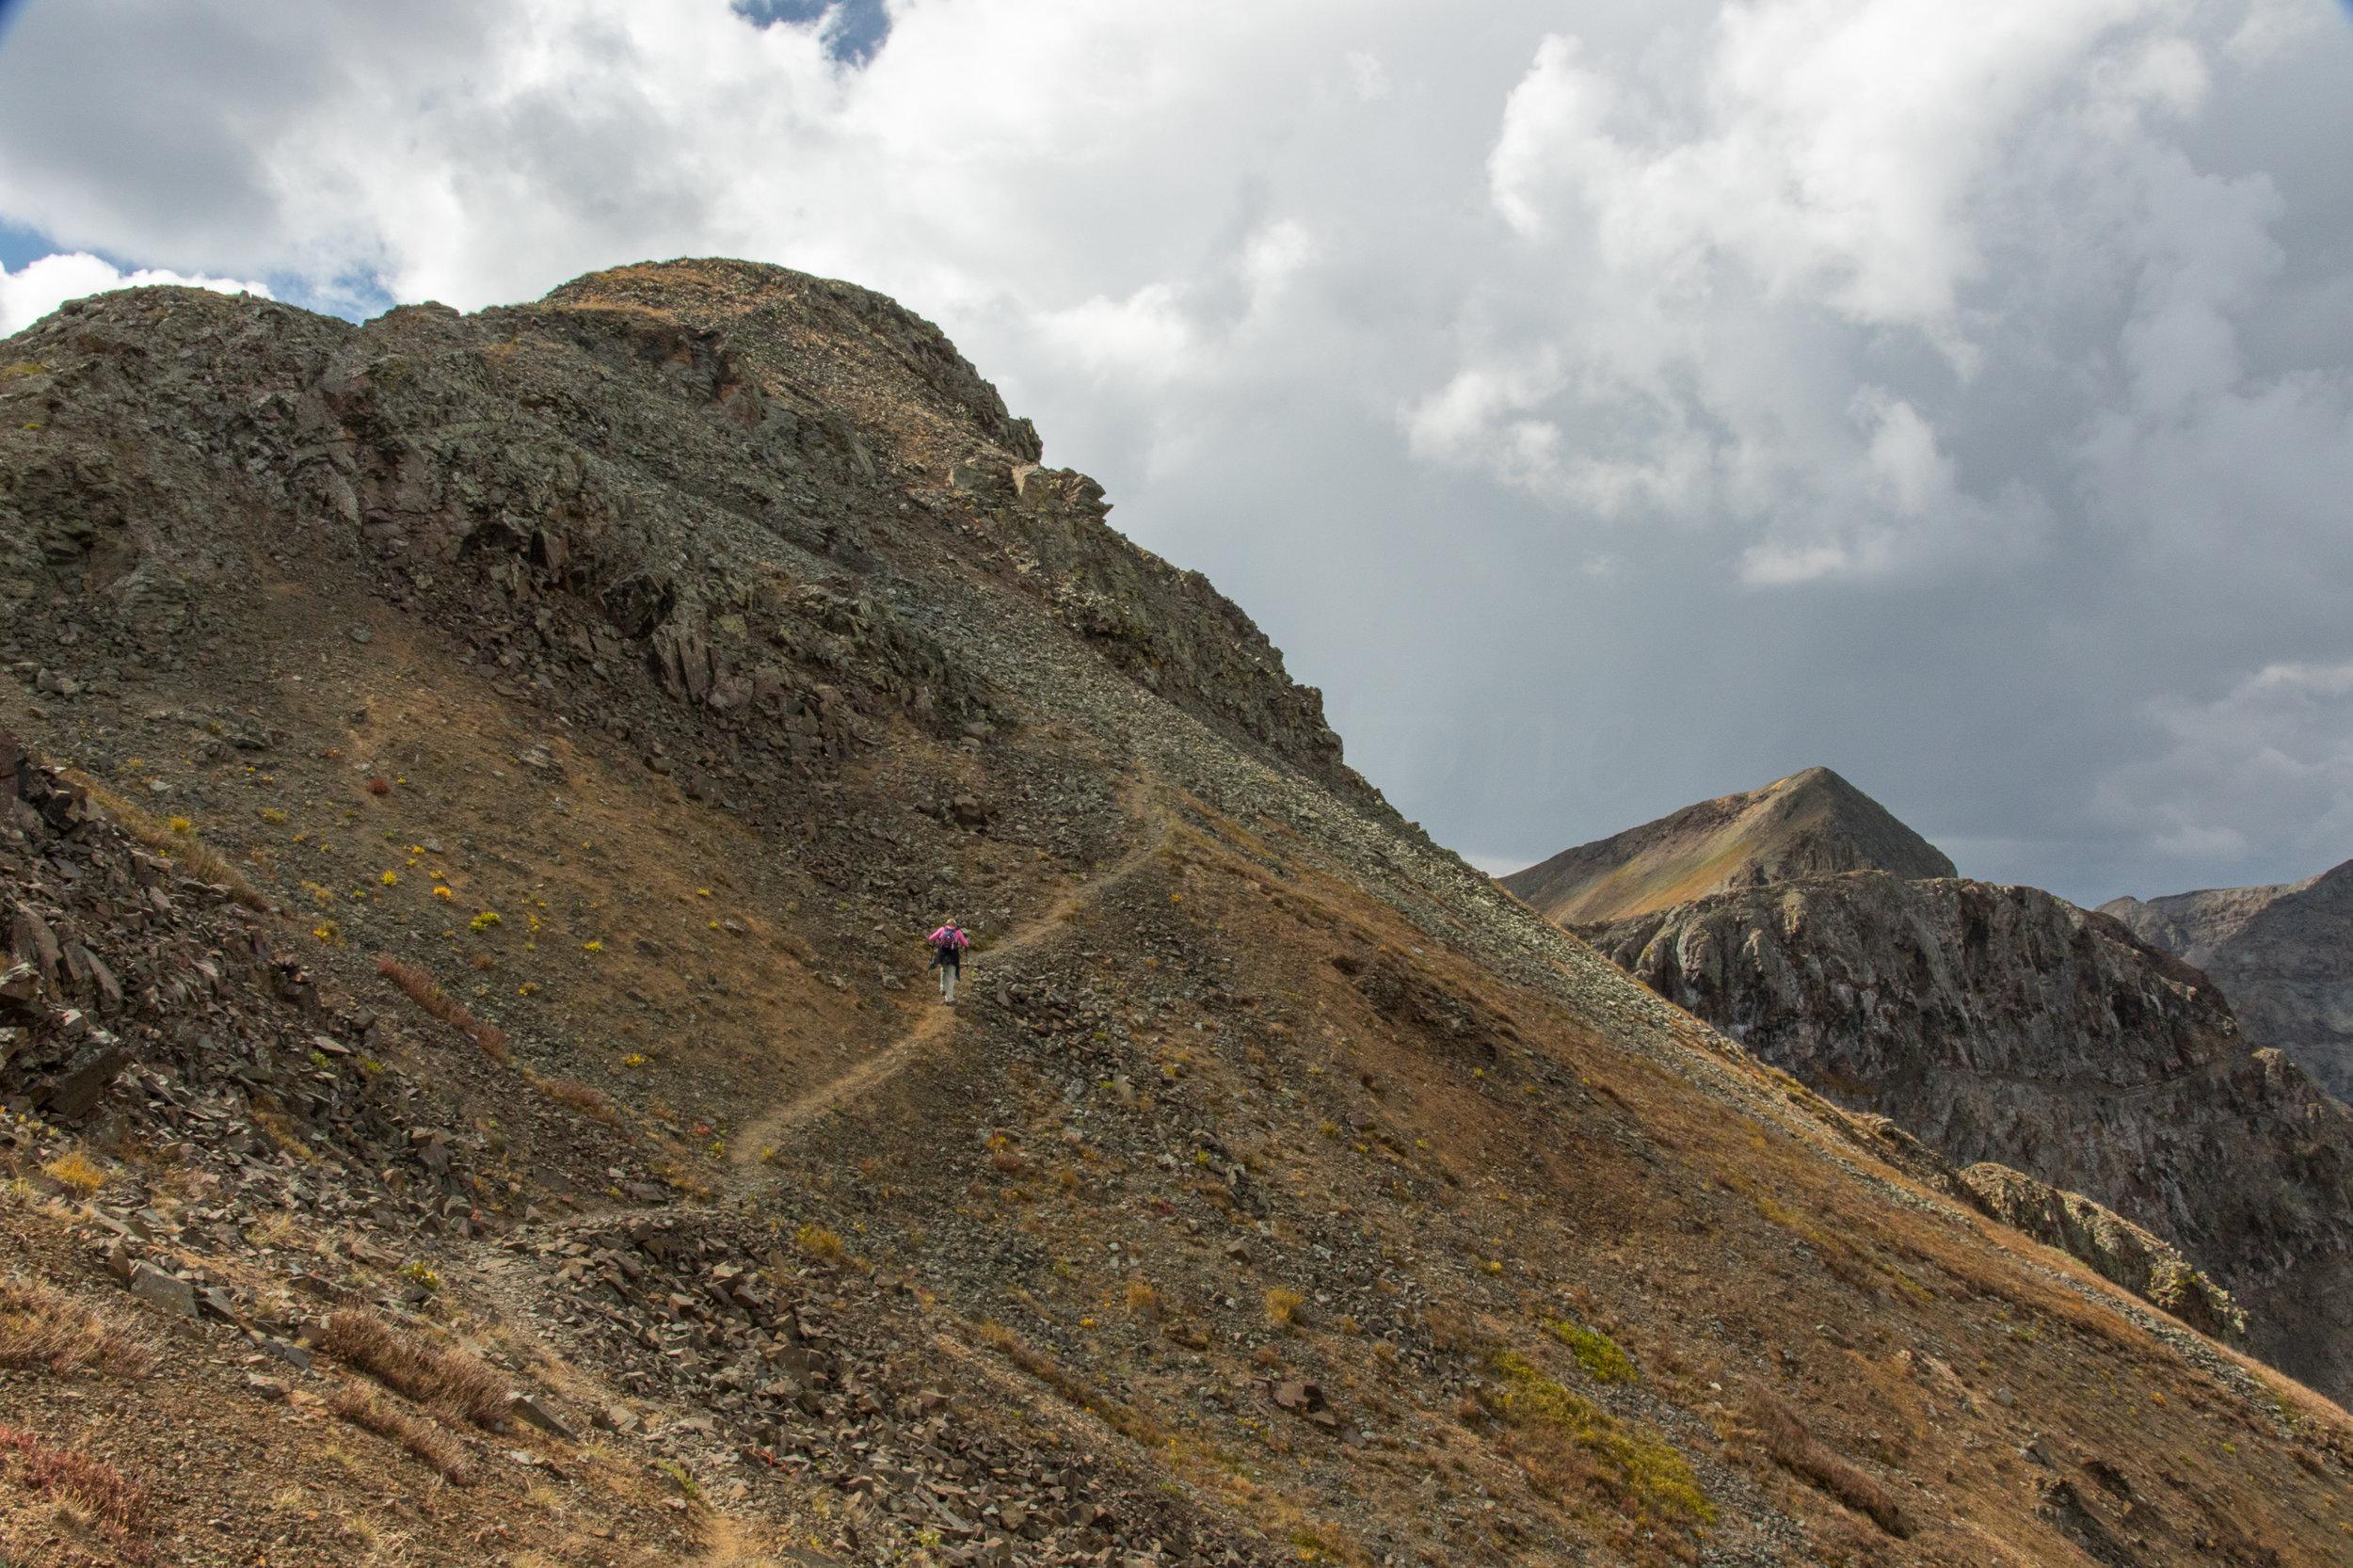 Lisa Vajda hiking across the ridge, Image # 7654